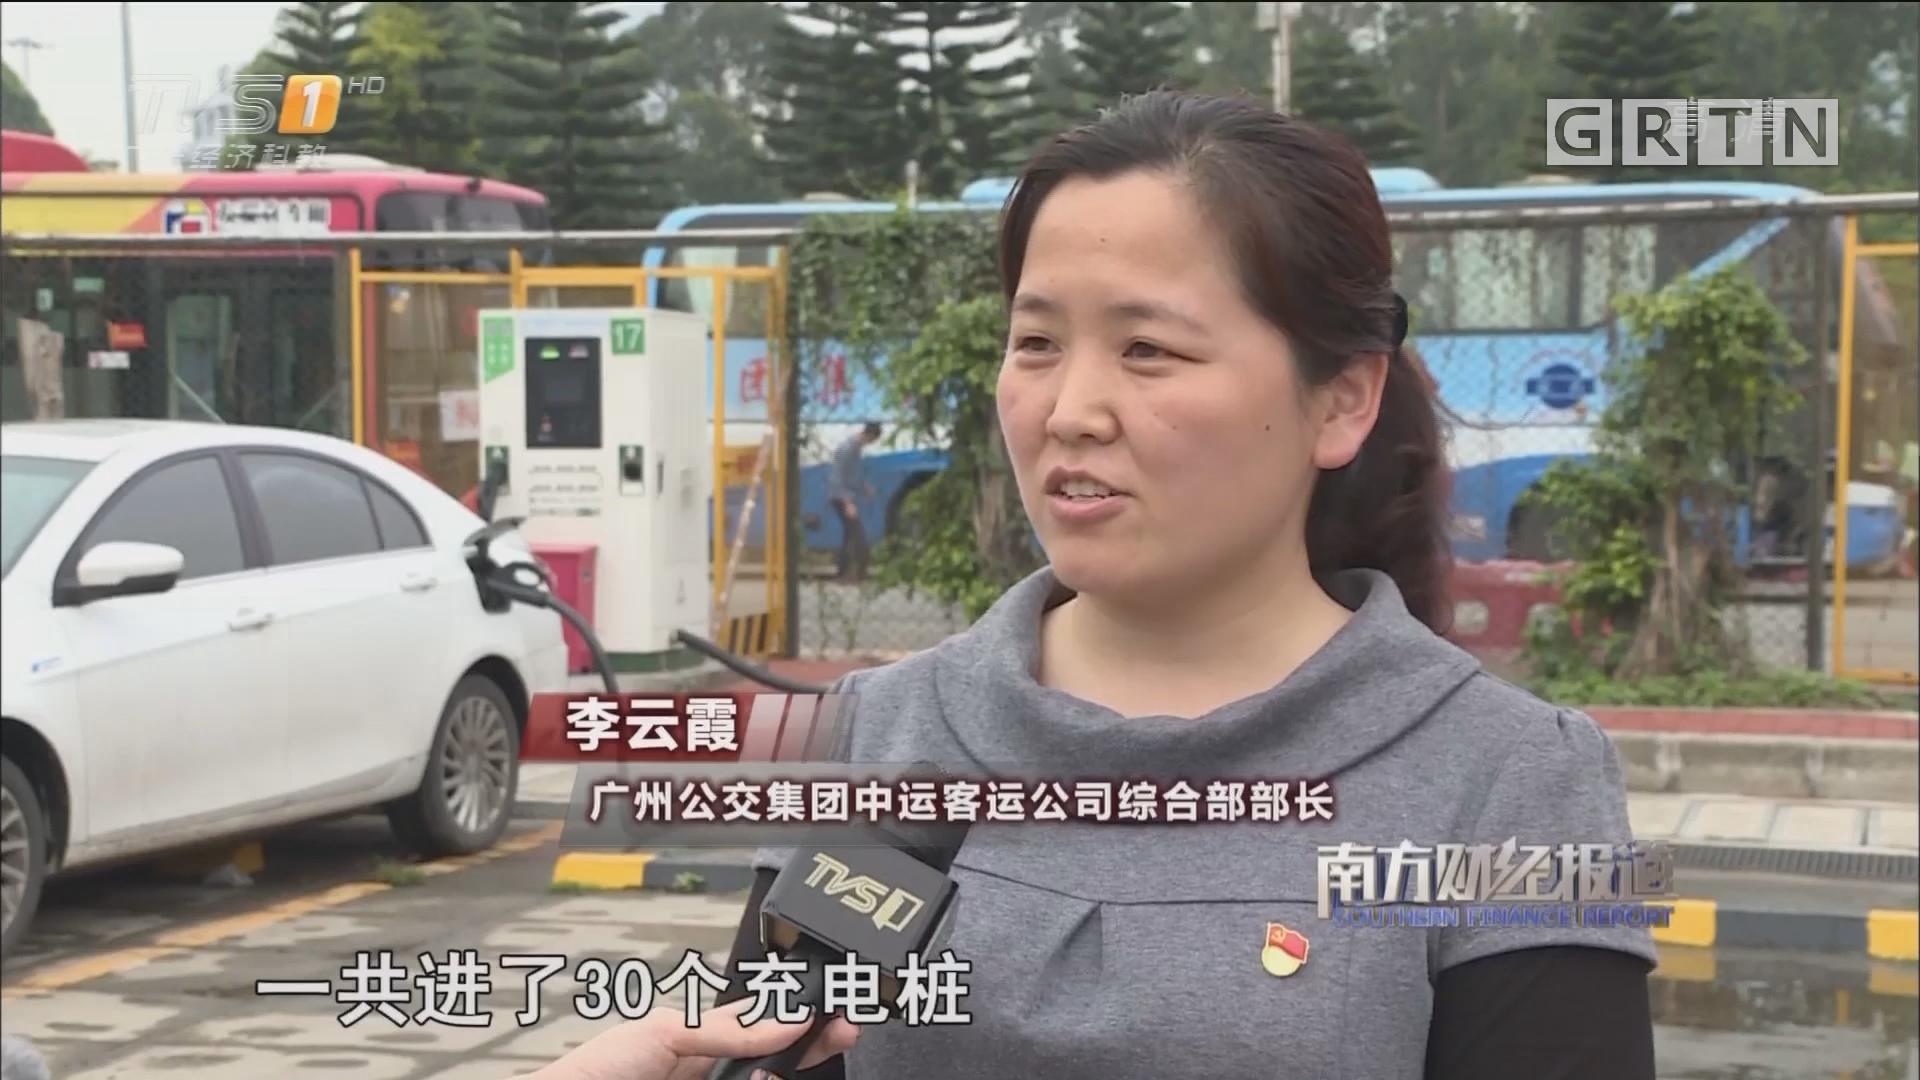 最快30分钟充满!广州开放712个充电车位